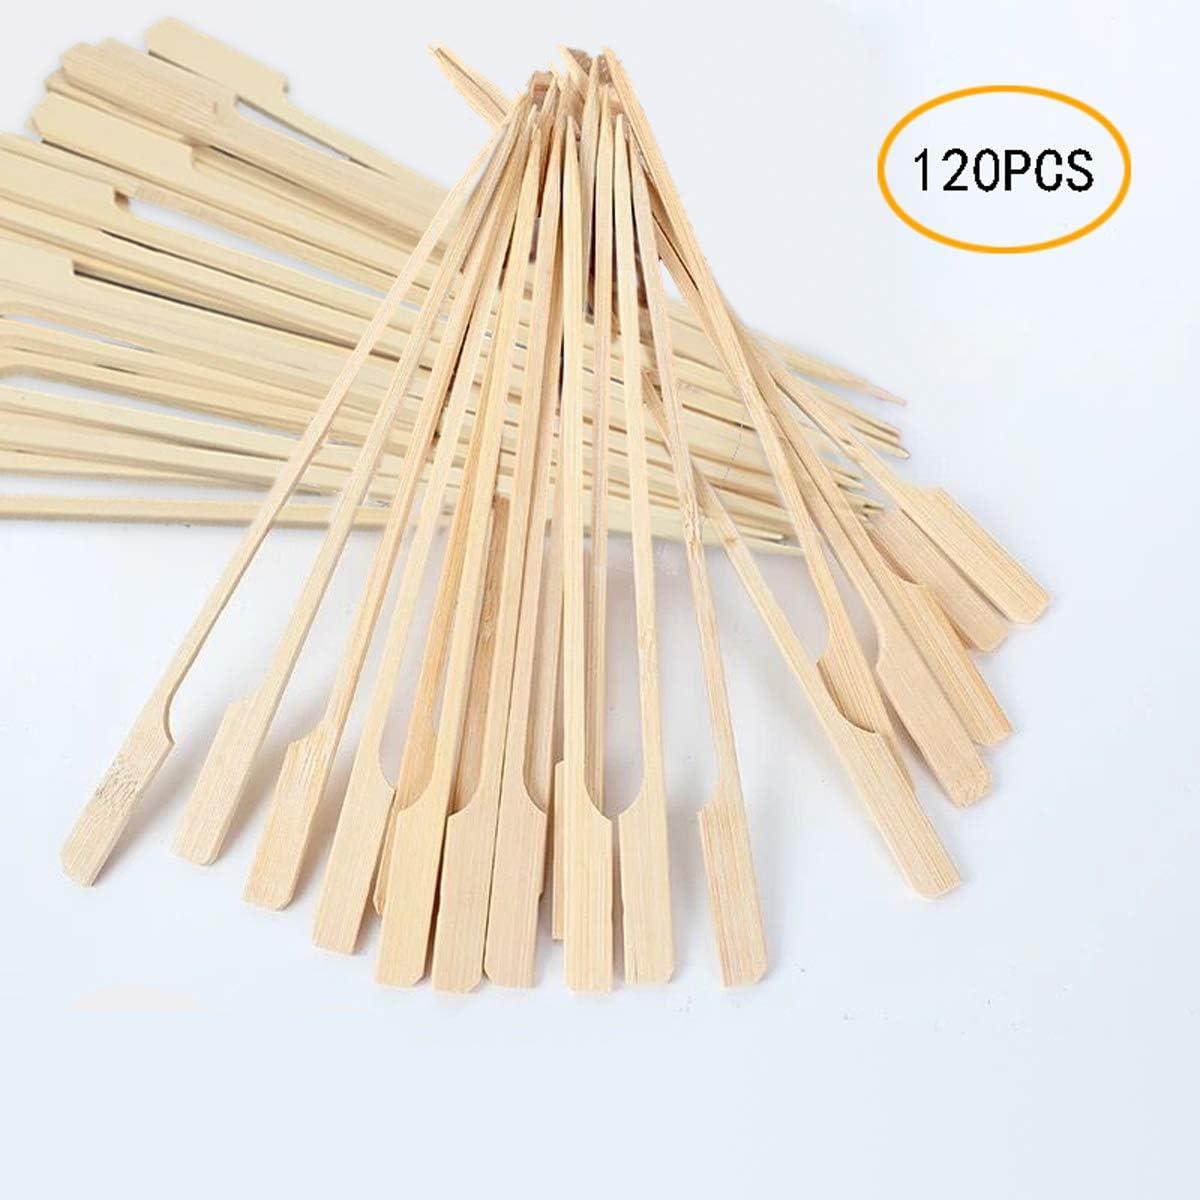 Coriver 120 Piezas de brochetas de Paleta de bambú Barbacoa Brochetas de bambú Palitos de cóctel para Barbacoa Barbacoa, Kebabs, Hamburguesas, buffets Party - 18 cm / 7 in